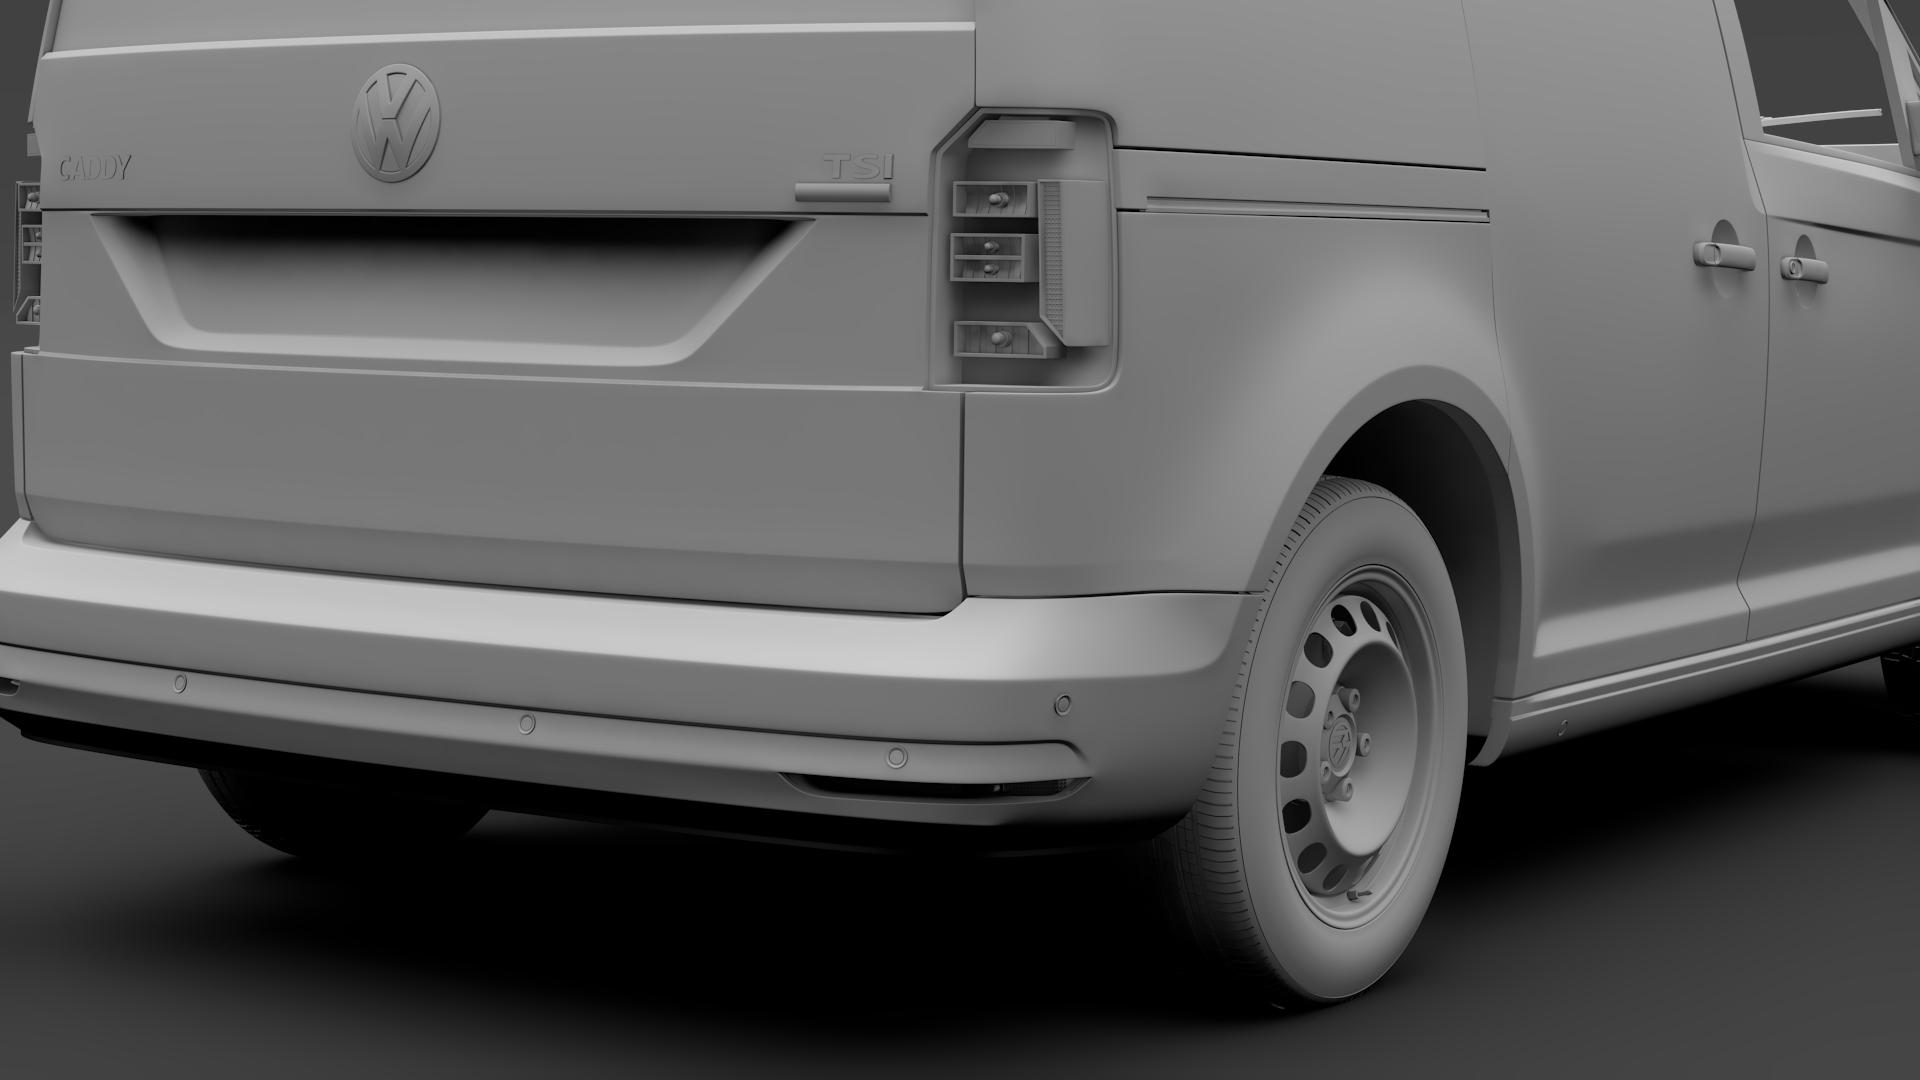 volkswagen caddy panel van l1 2017 3d model max fbx c4d lwo ma mb hrc xsi obj 274412